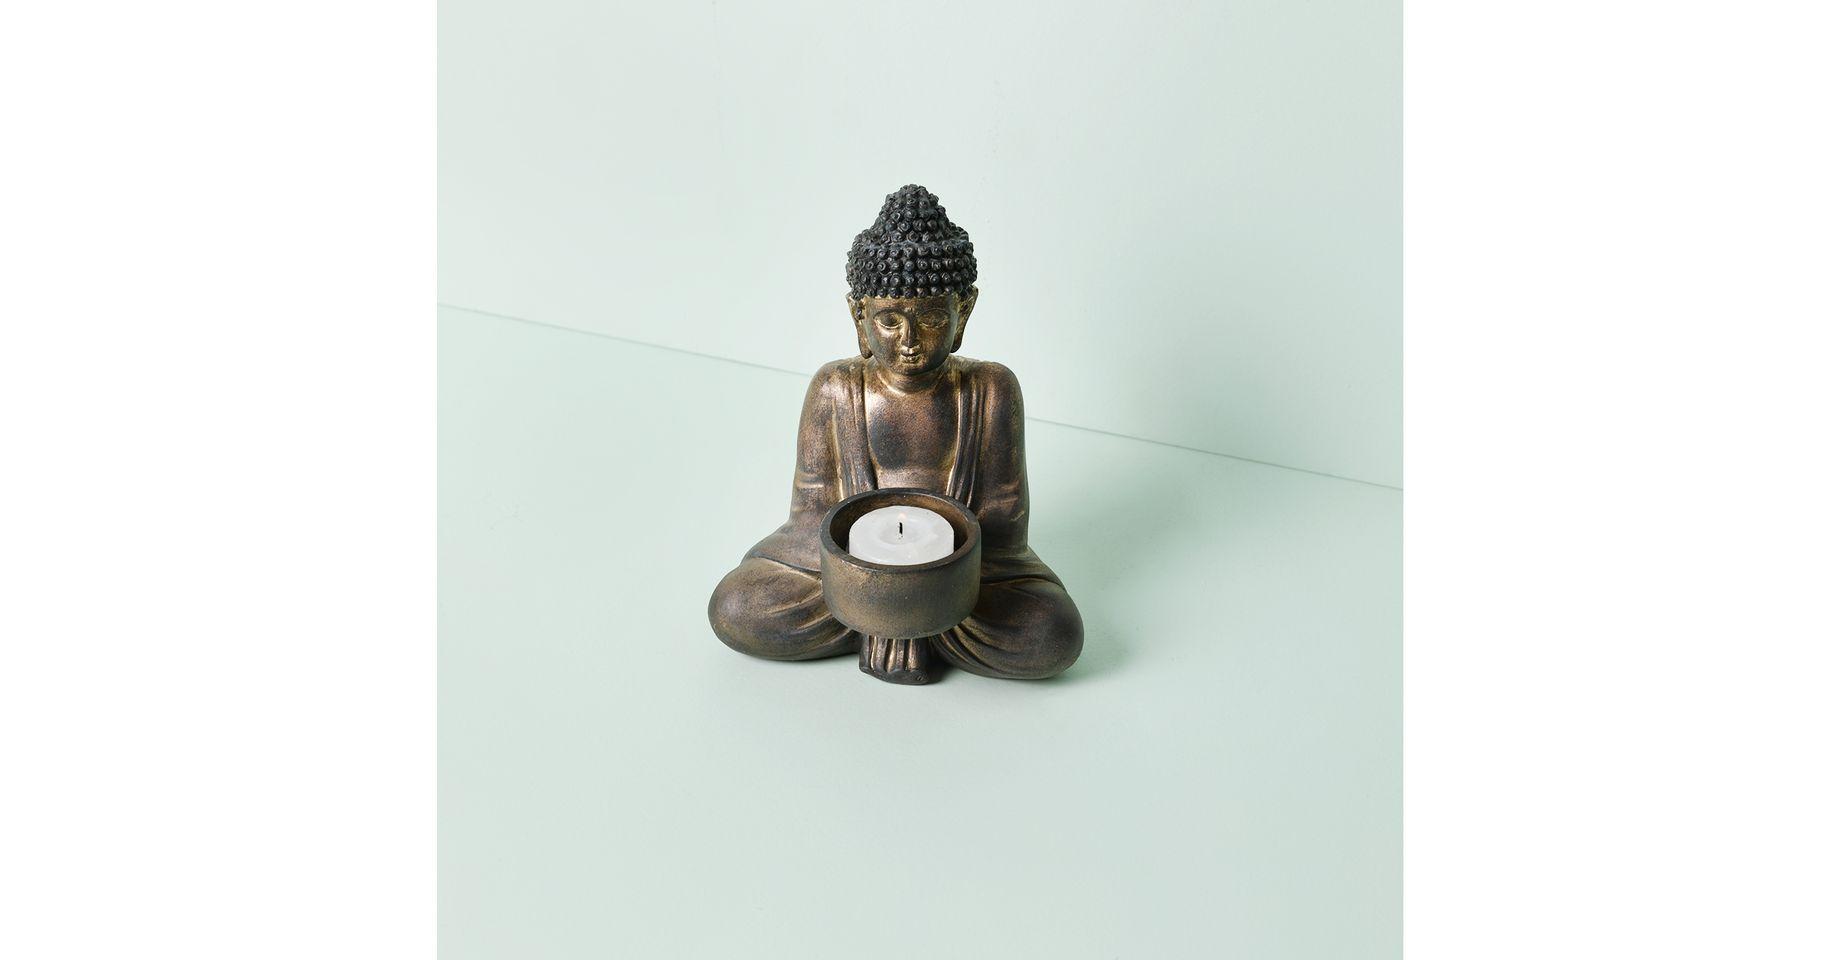 010113102_031_1-DECORATIVO-BUDDHA-MUKTI